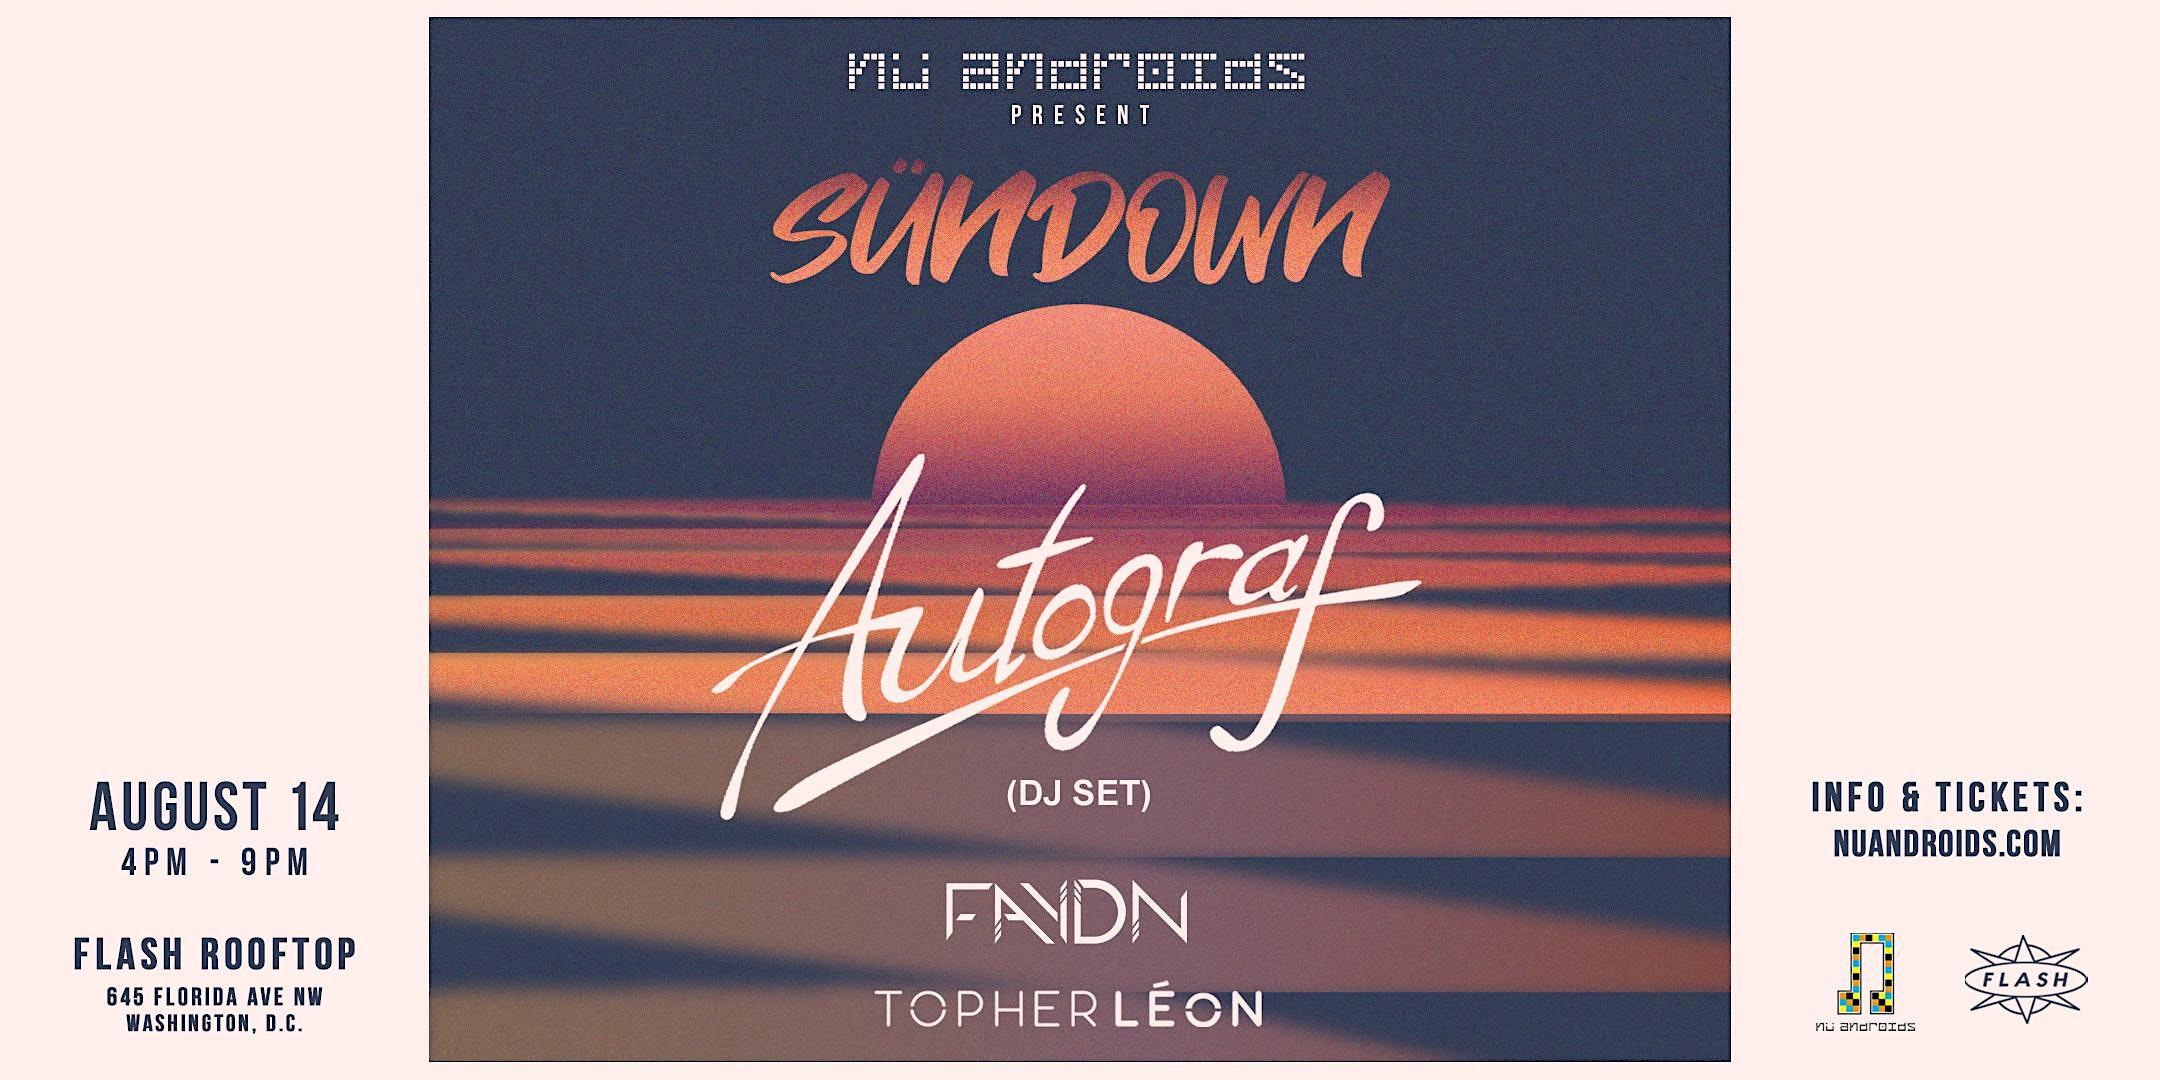 SünDown: Autograf DJ Set (21+)